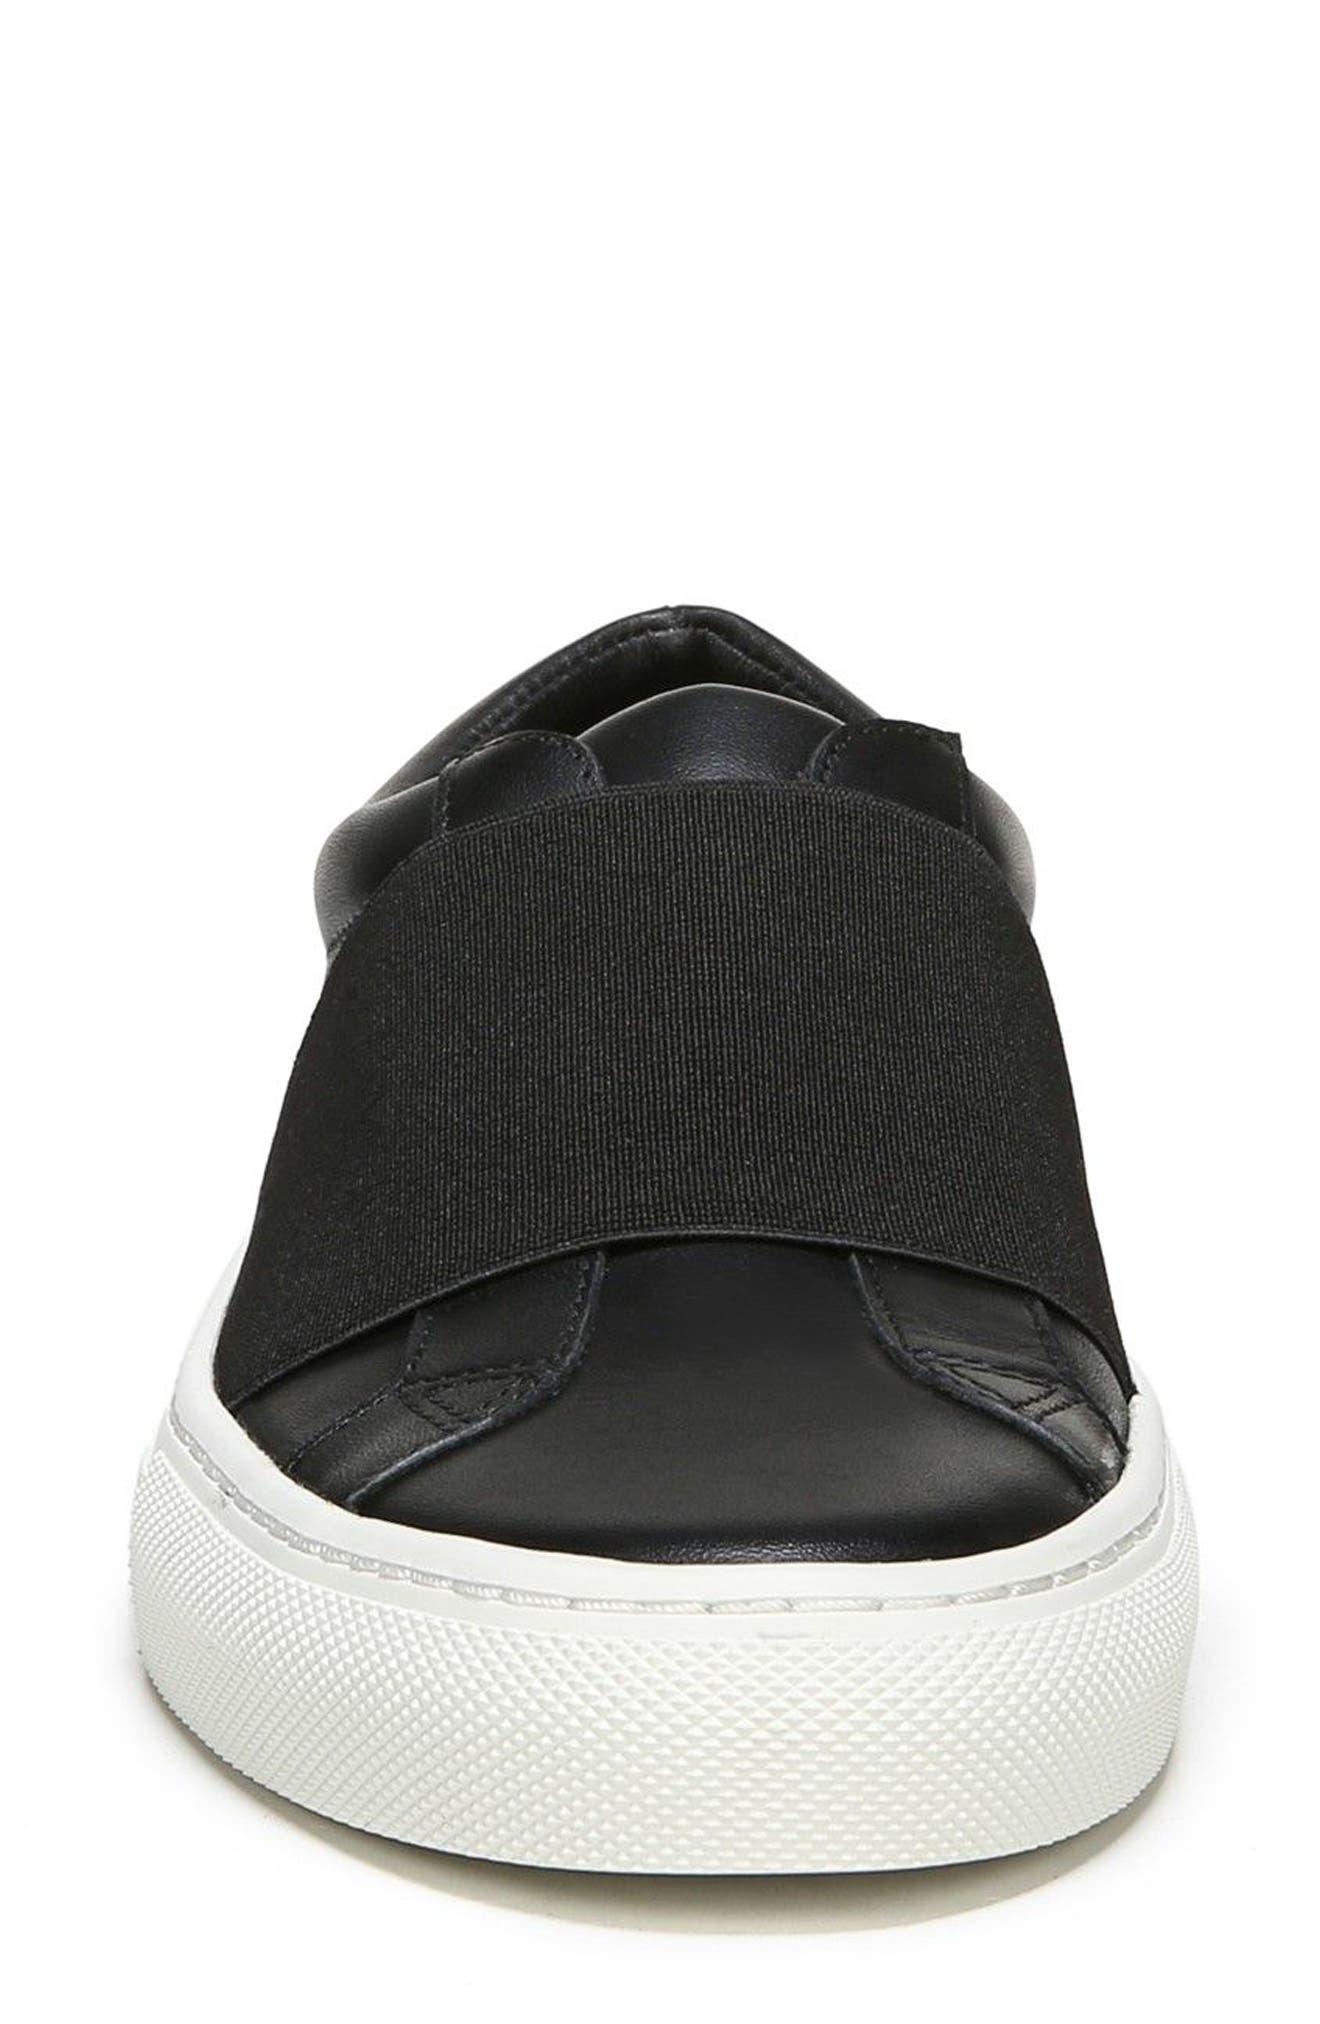 Saran Slip-On Sneaker,                             Alternate thumbnail 4, color,                             003